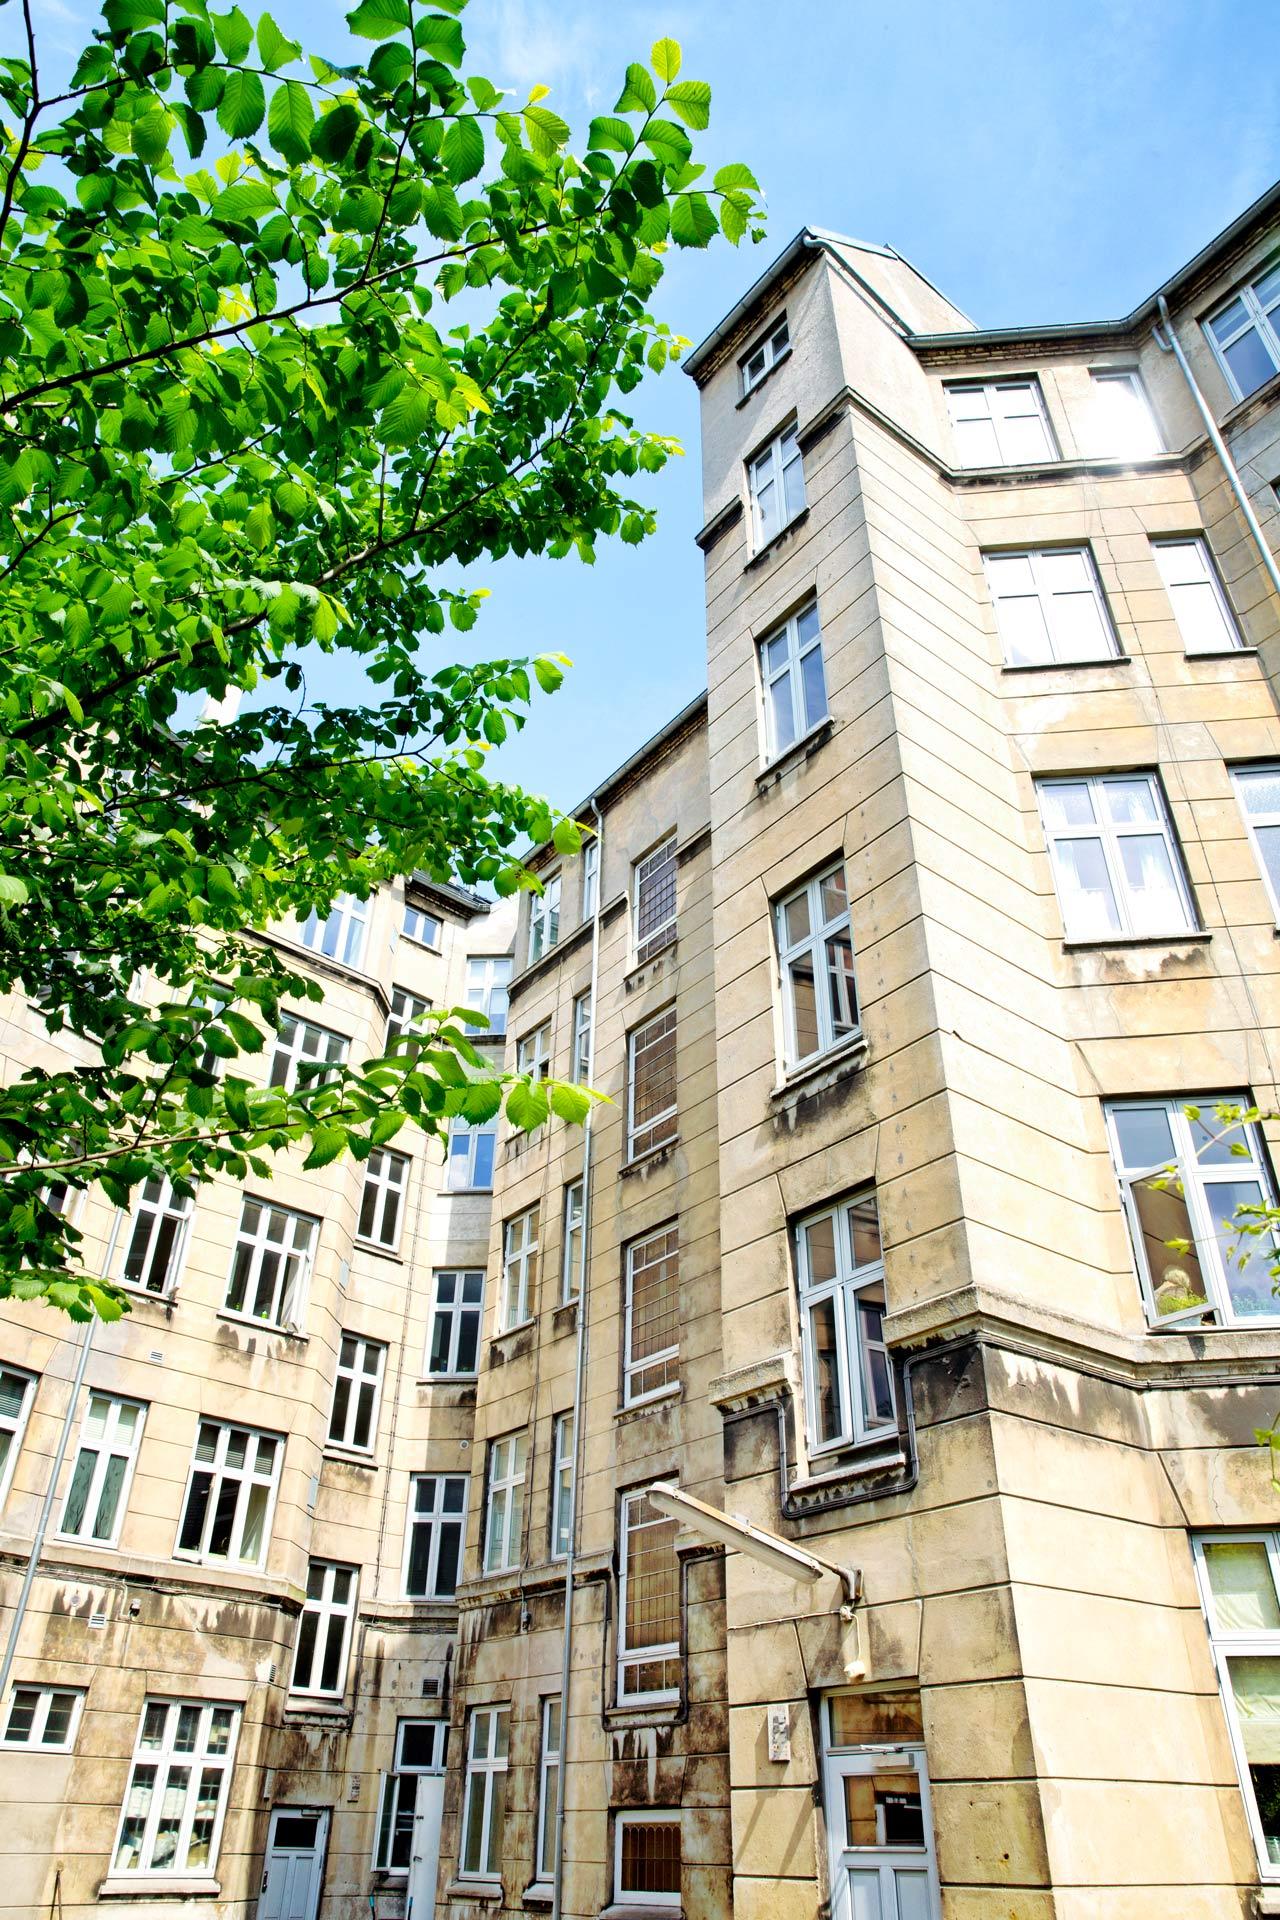 husleje, etager, Lejligheder, bytte, airbnb, rengøring, service, facade, maling